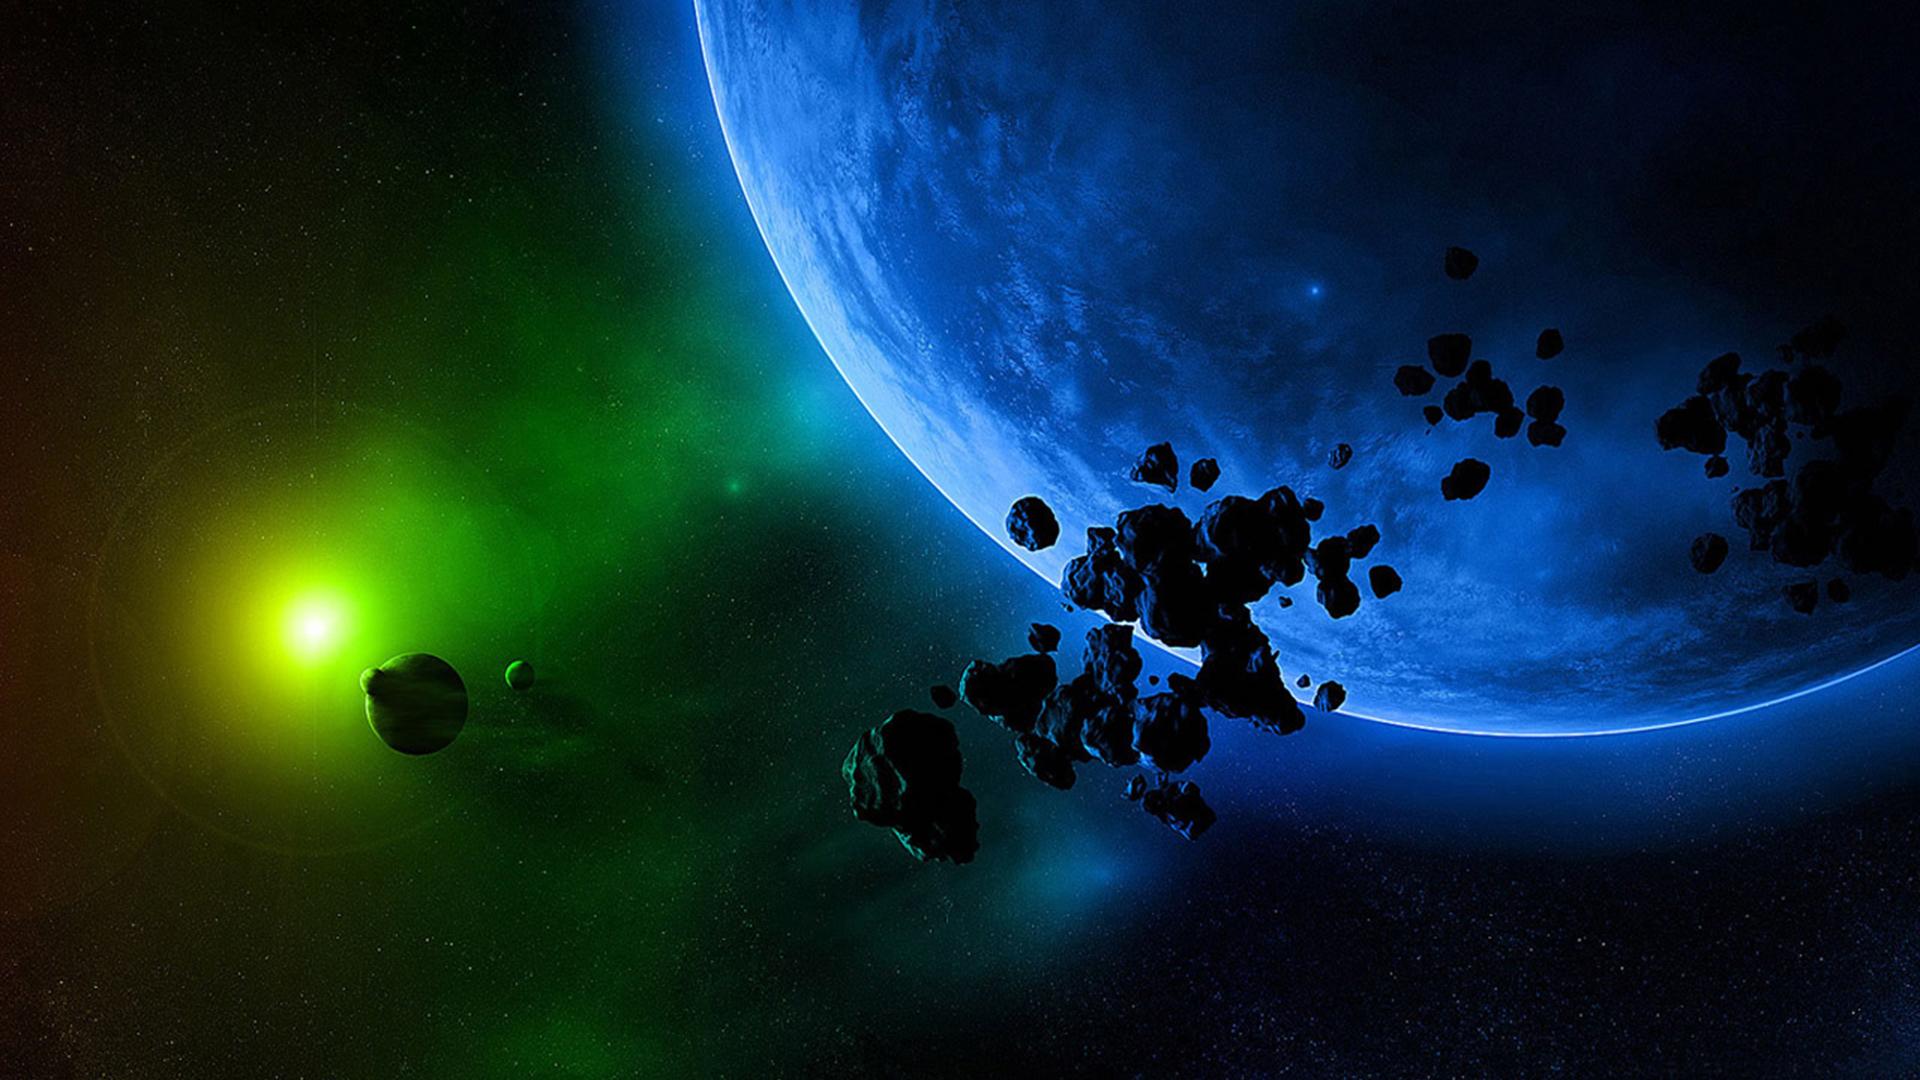 Обои галактика космос свет картинки на рабочий стол на тему Космос - скачать  № 1758657  скачать